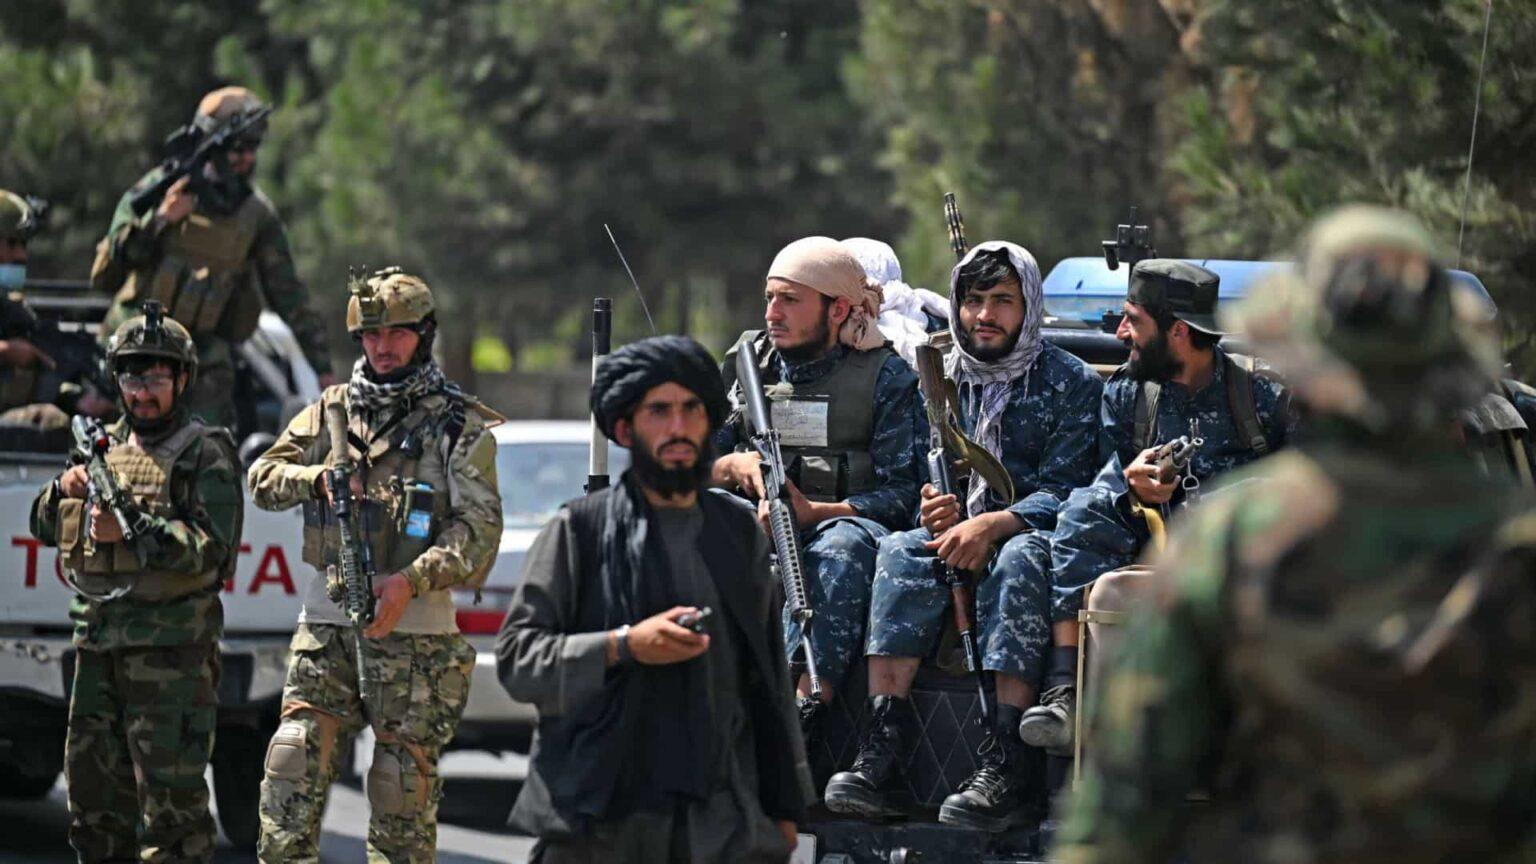 Talibã mata irmão de vice-presidente do Afeganistão deposto pelo grupo